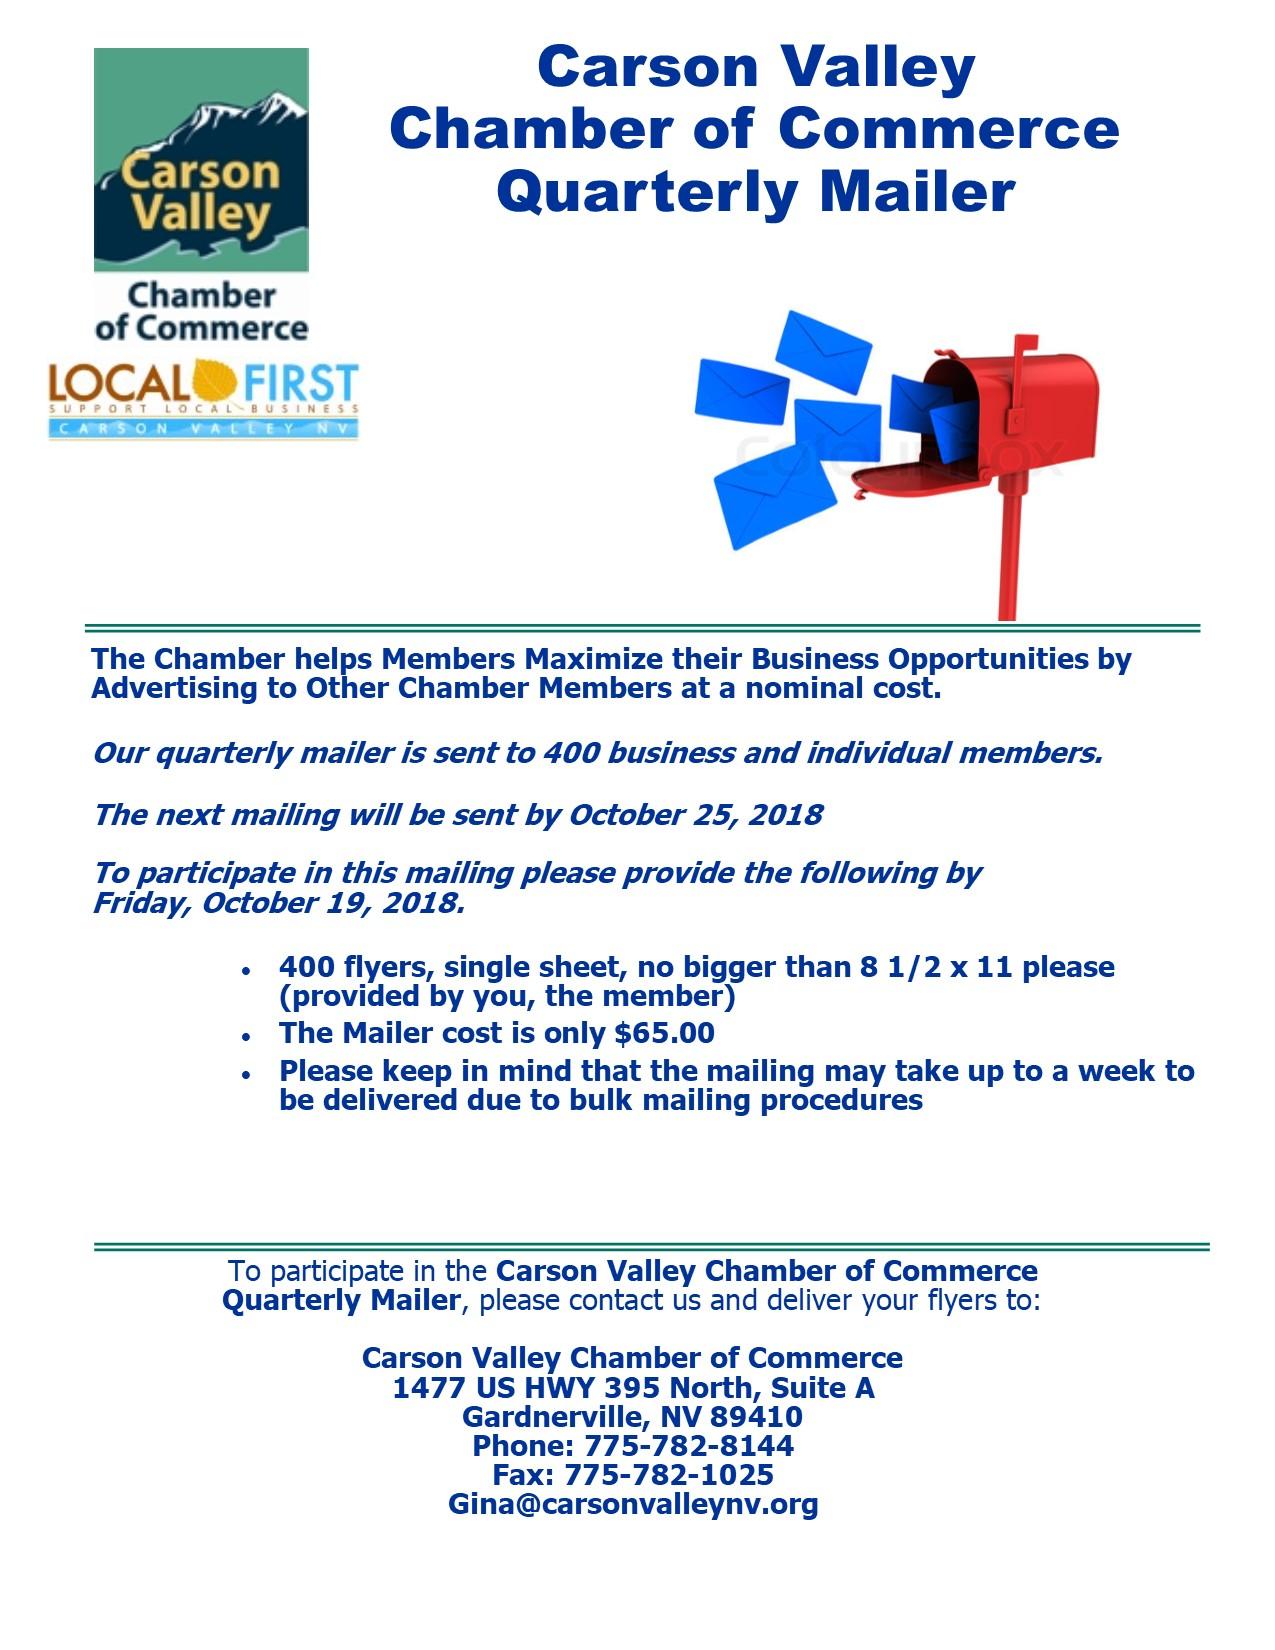 October-Quarterly-Mailer-Flyer-Master.jpg